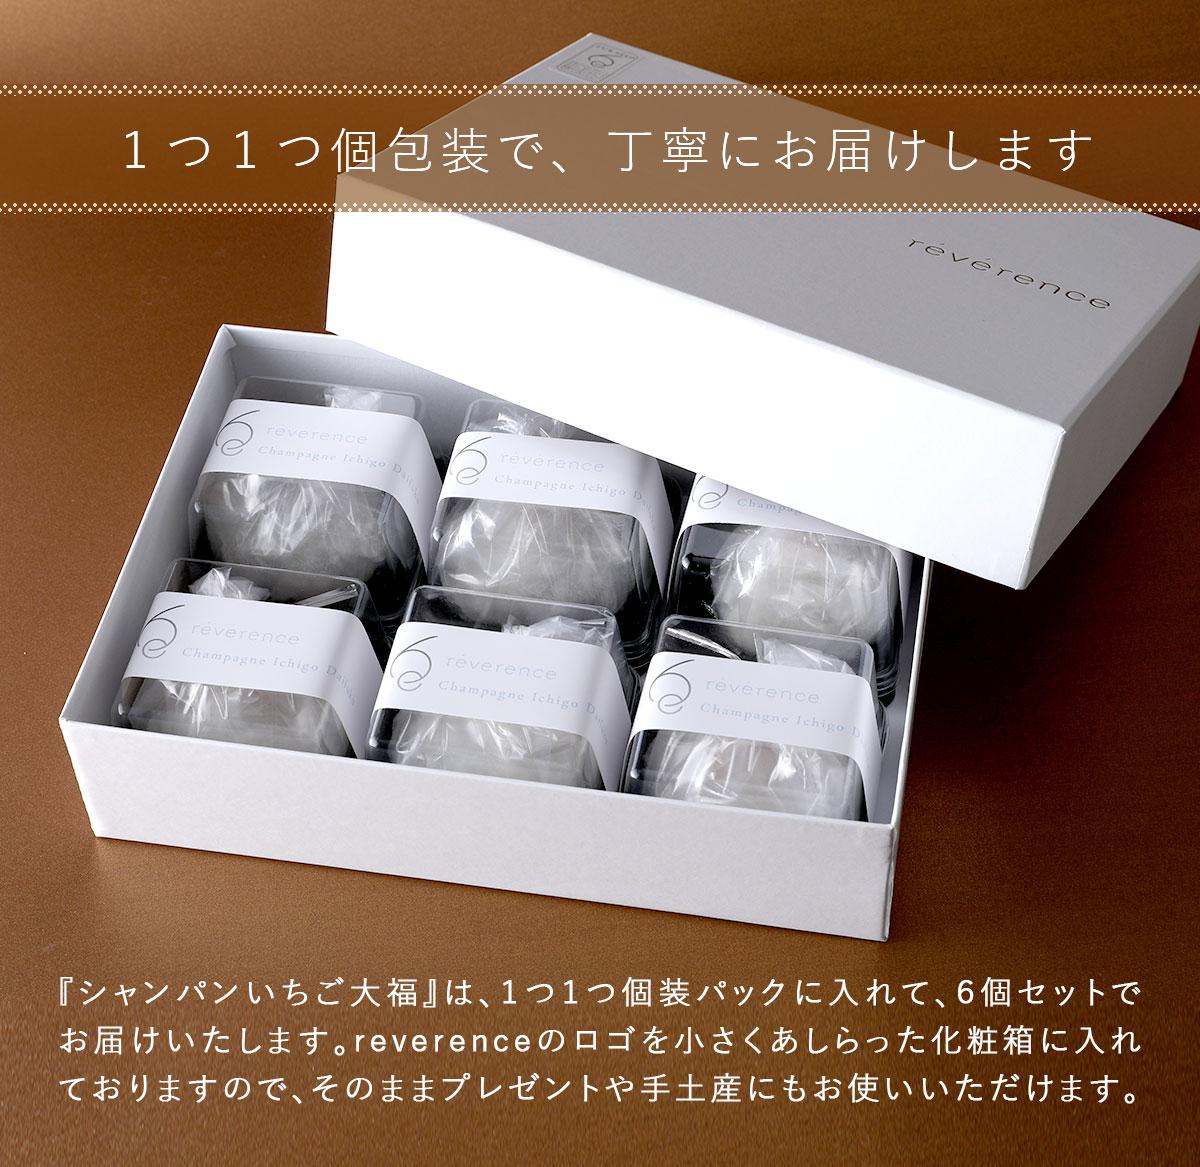 シャンパンいちご大福は、1つ1つ個包装で、丁寧にお届けします